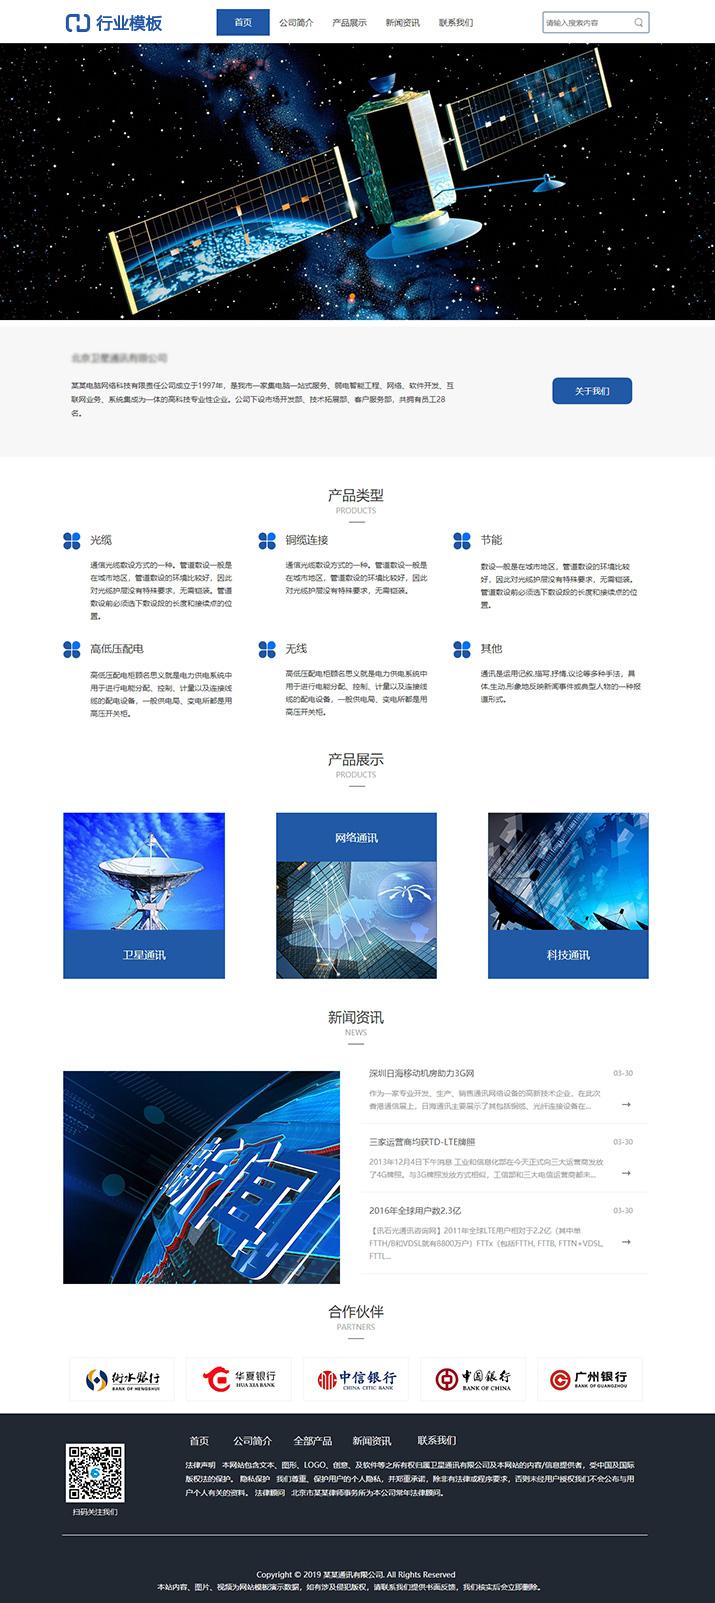 卫星通讯公司网站模板